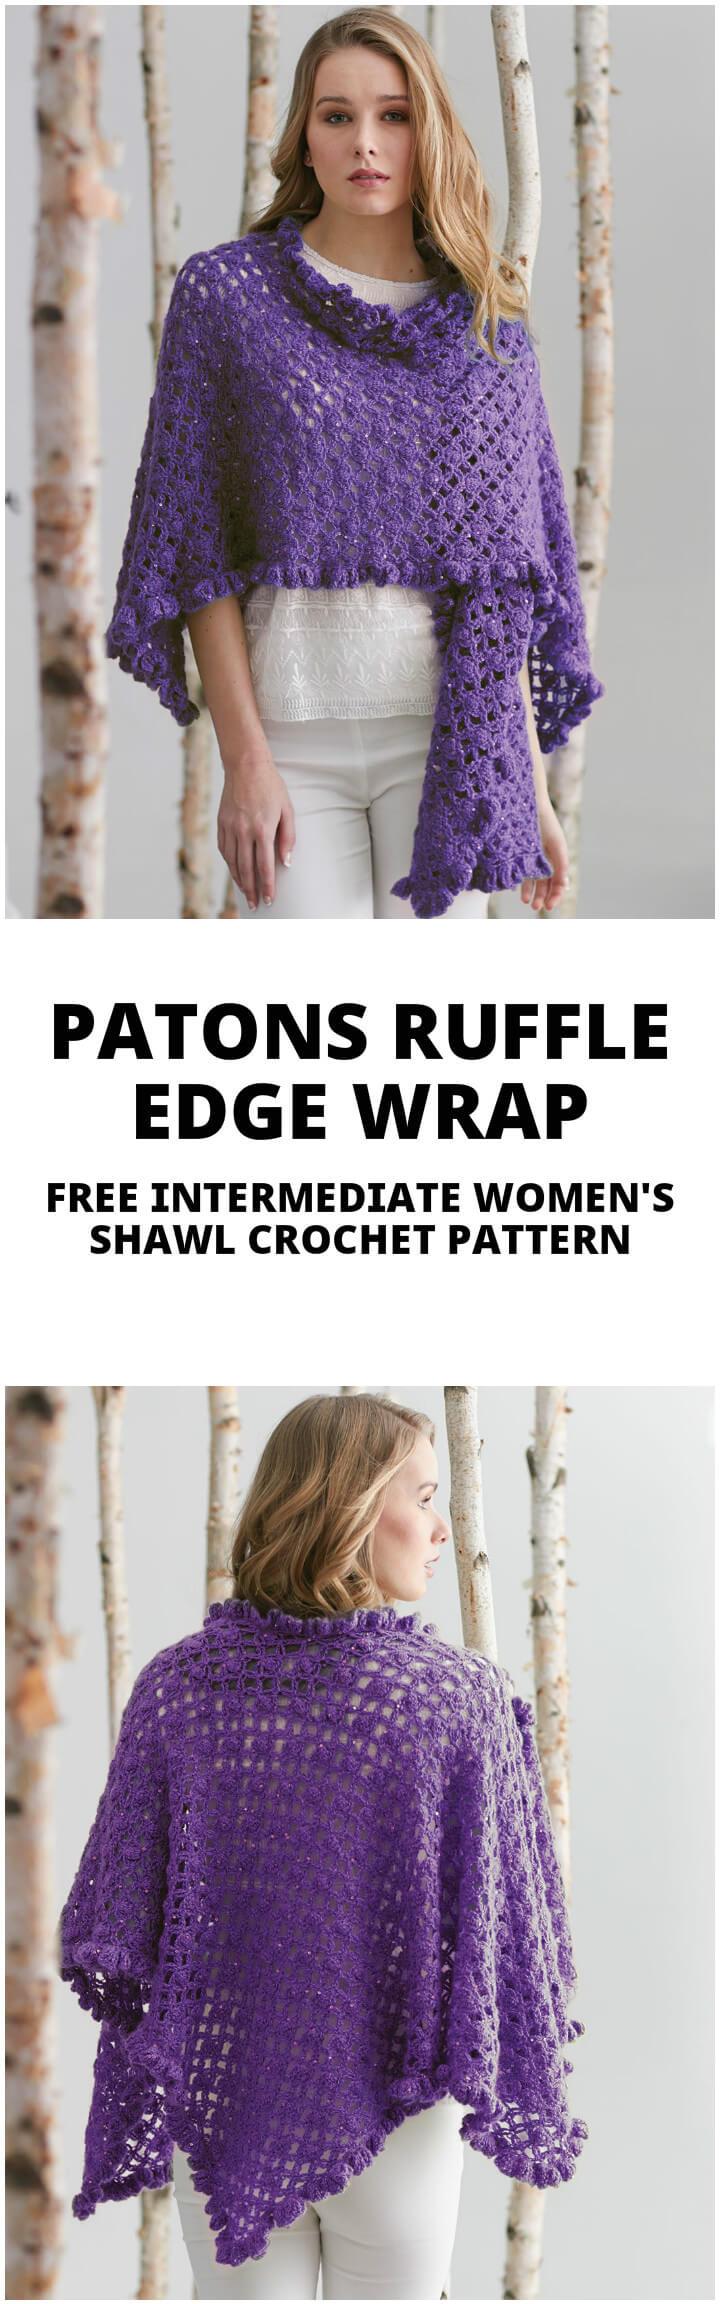 Patons Free Crochet Shawl Patterns : 100 Free Crochet Shawl Patterns - Free Crochet Patterns ...